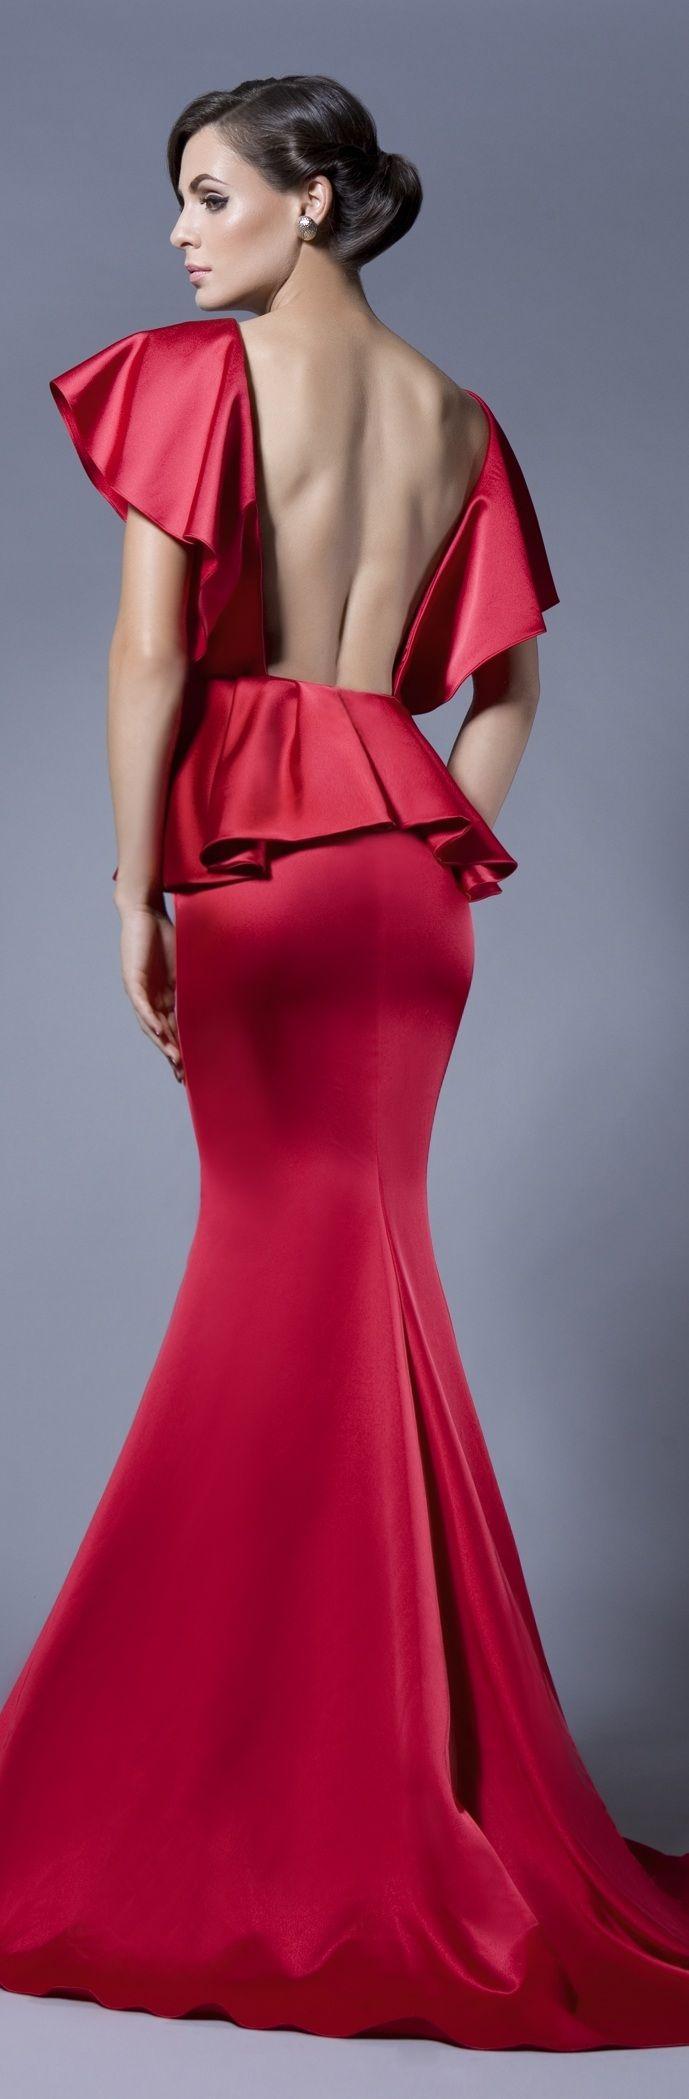 prom dress 2014,fustana 2014,fustana nuserie,fustana per nuse ...